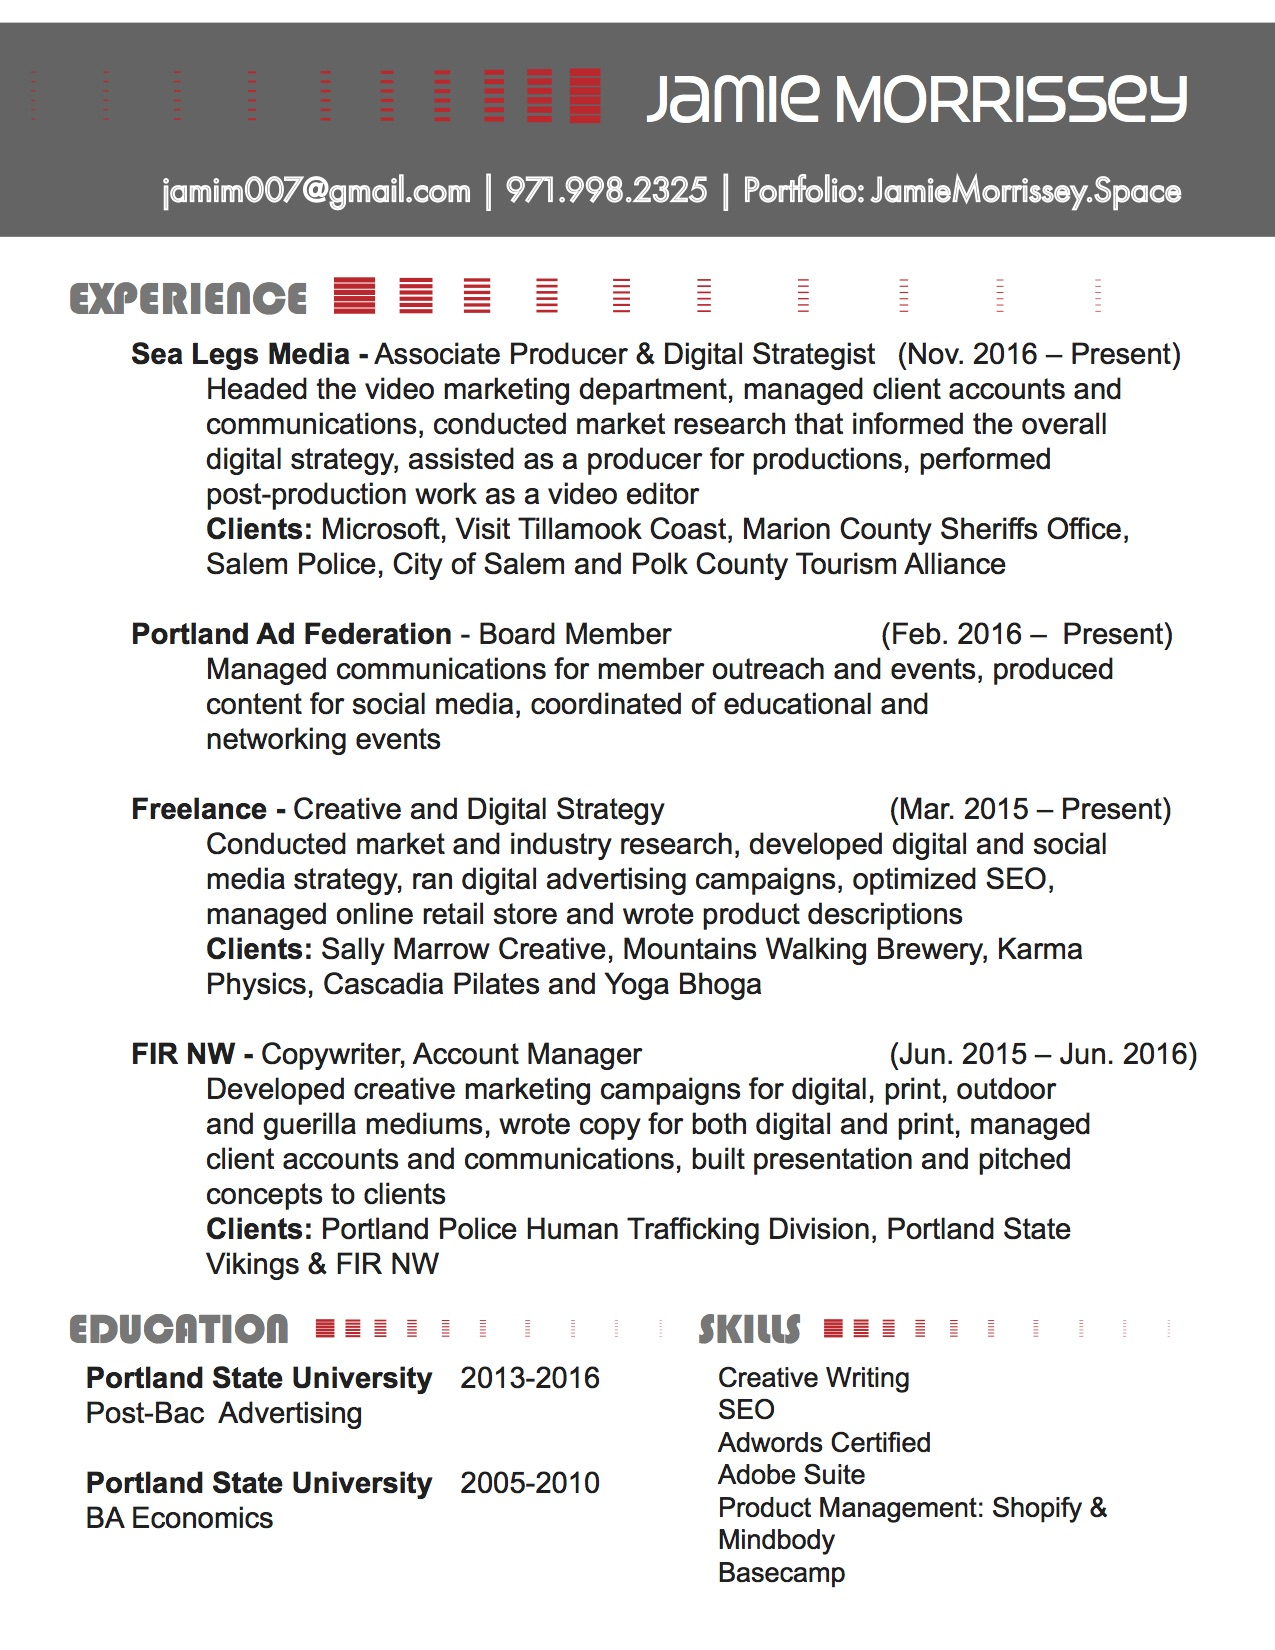 Resume — Jamie Morrissey Portfolio